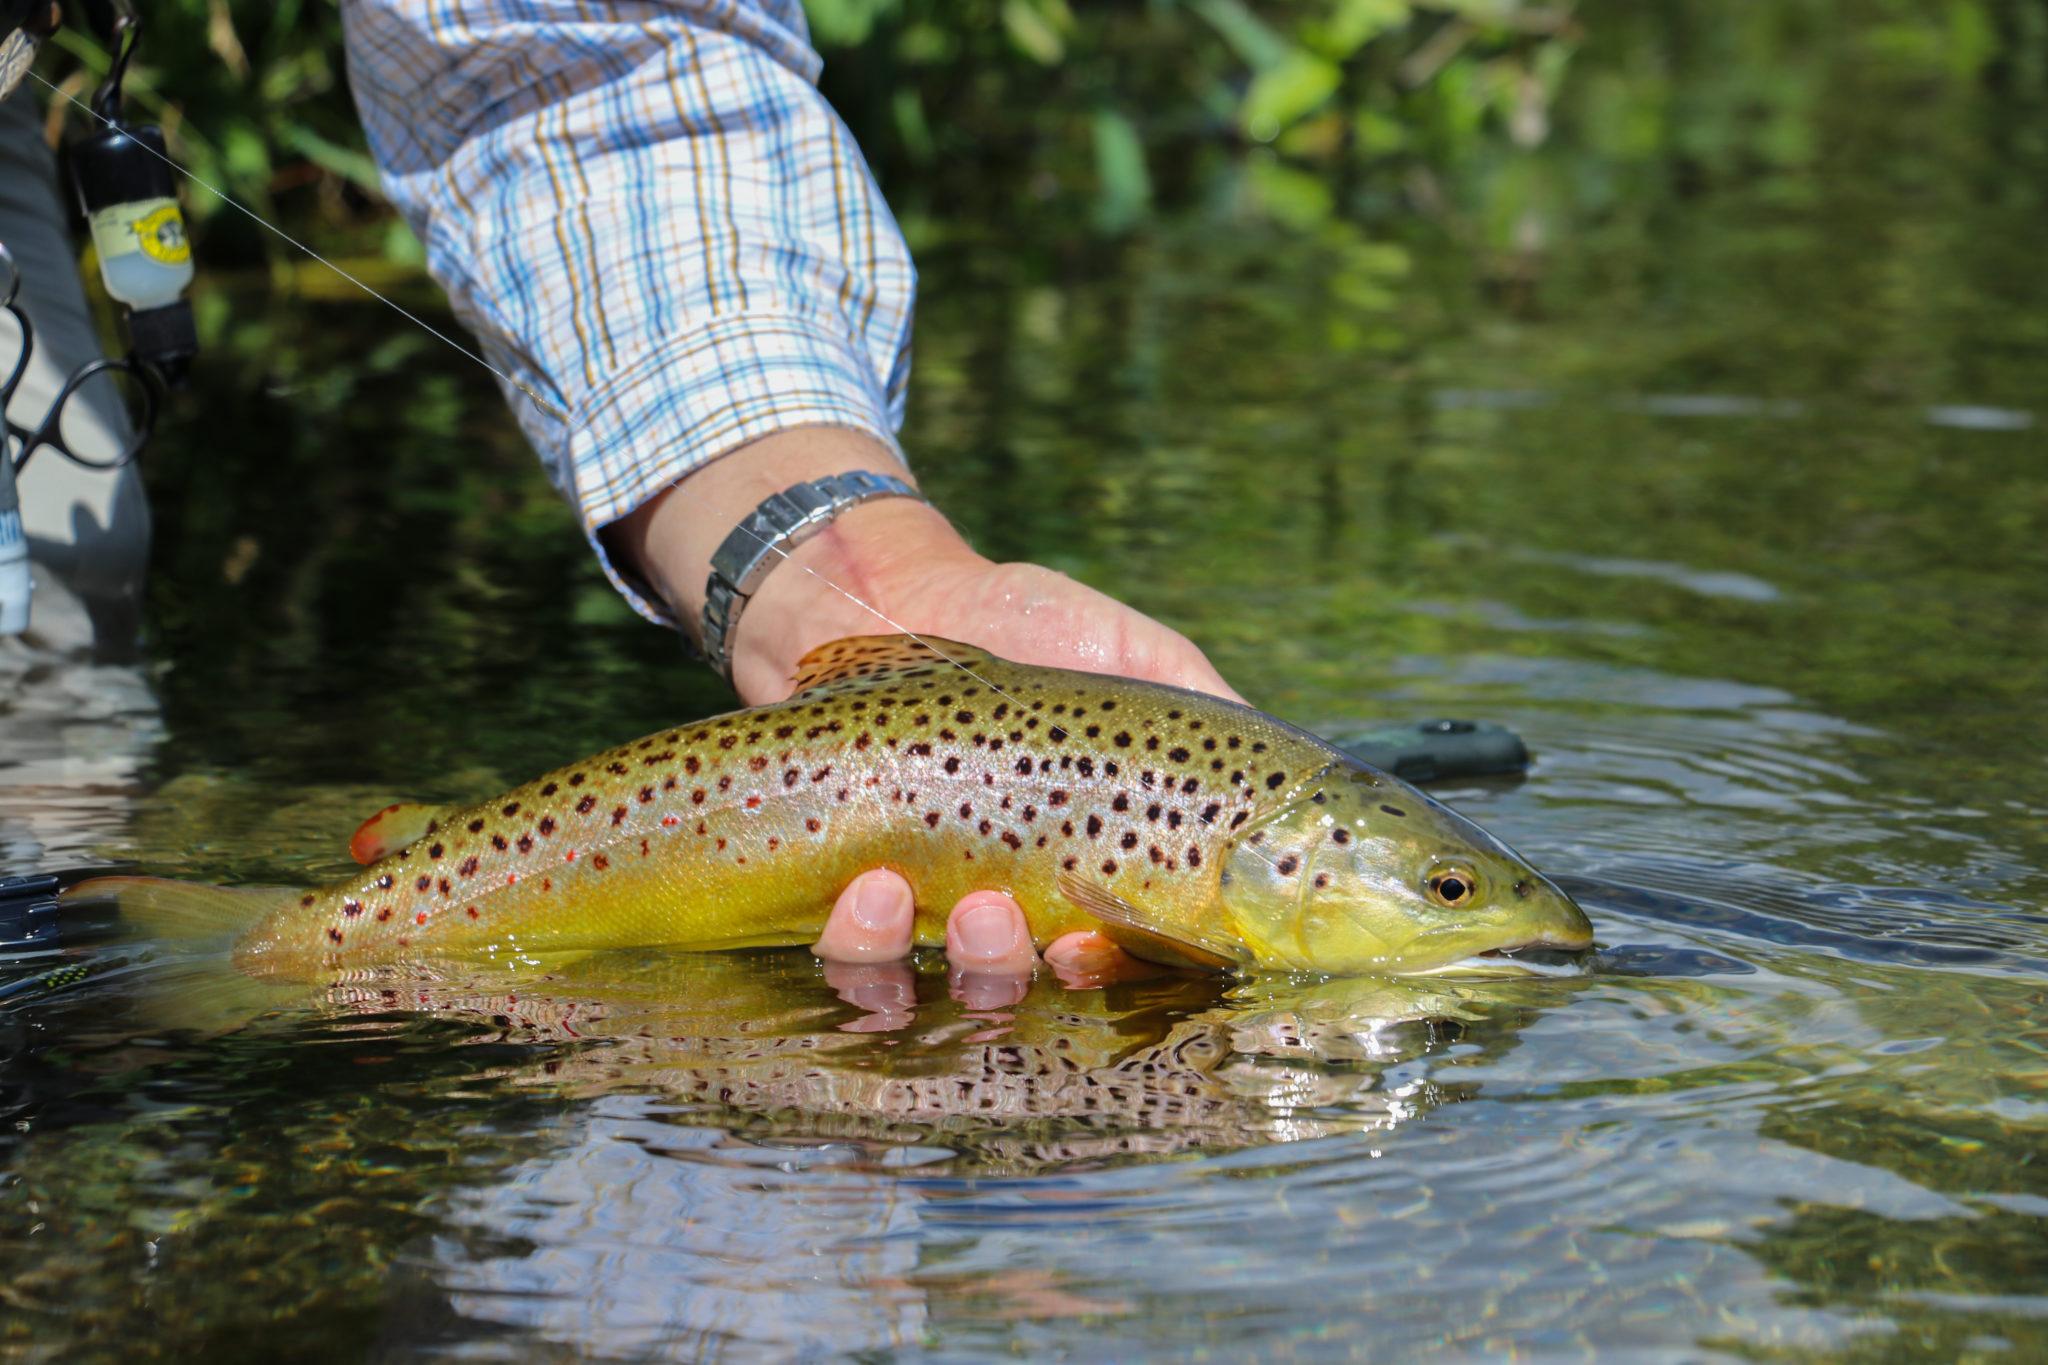 Mayfly 2020 availability, River Anton chalkstream fly fishing, Aardvark McLeod chalkstream fly fishing